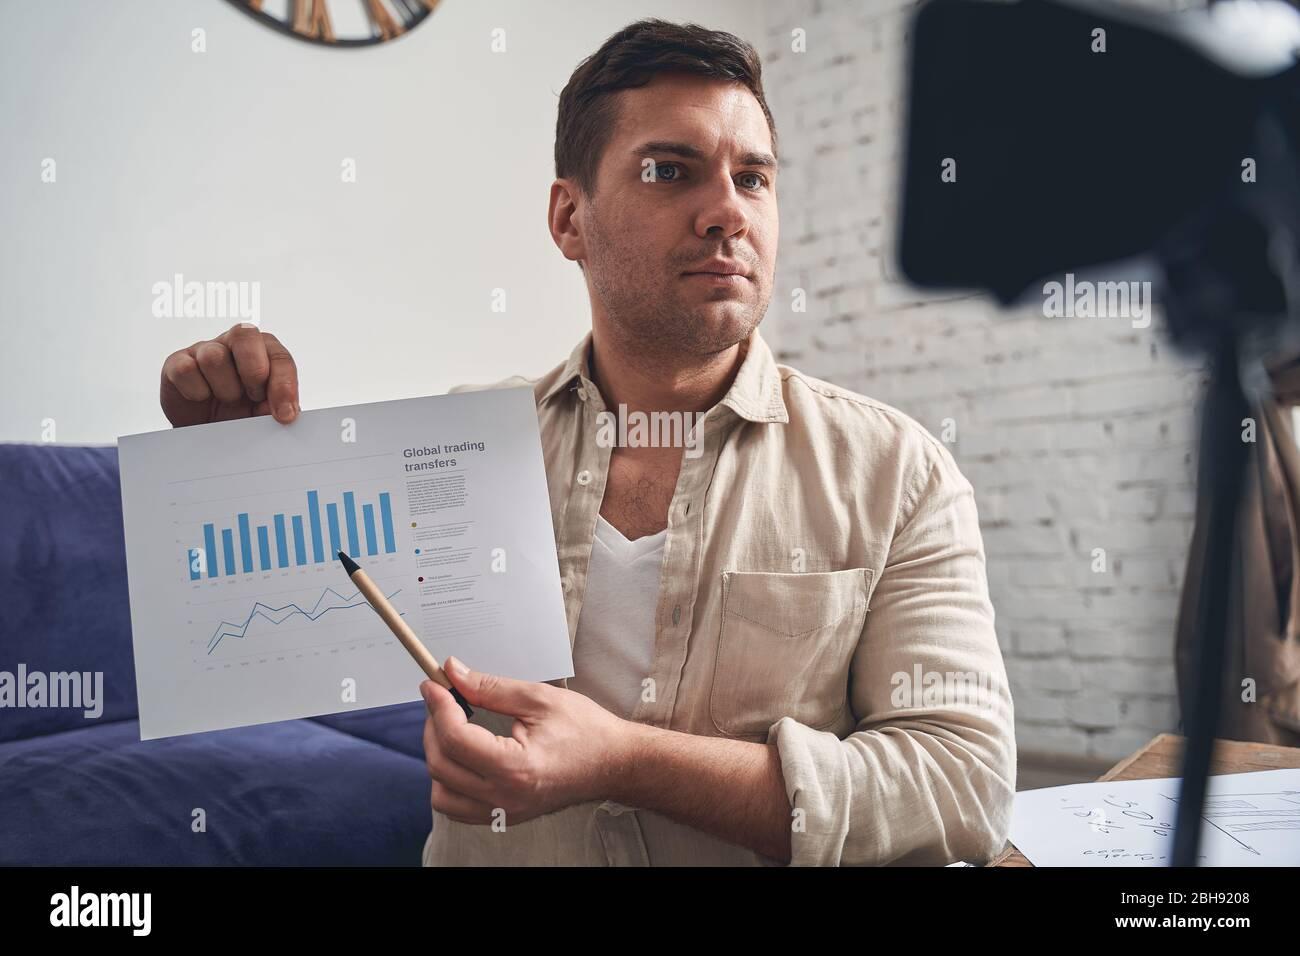 Blogger profesional enseñando habilidades de gestión financiera en línea Foto de stock